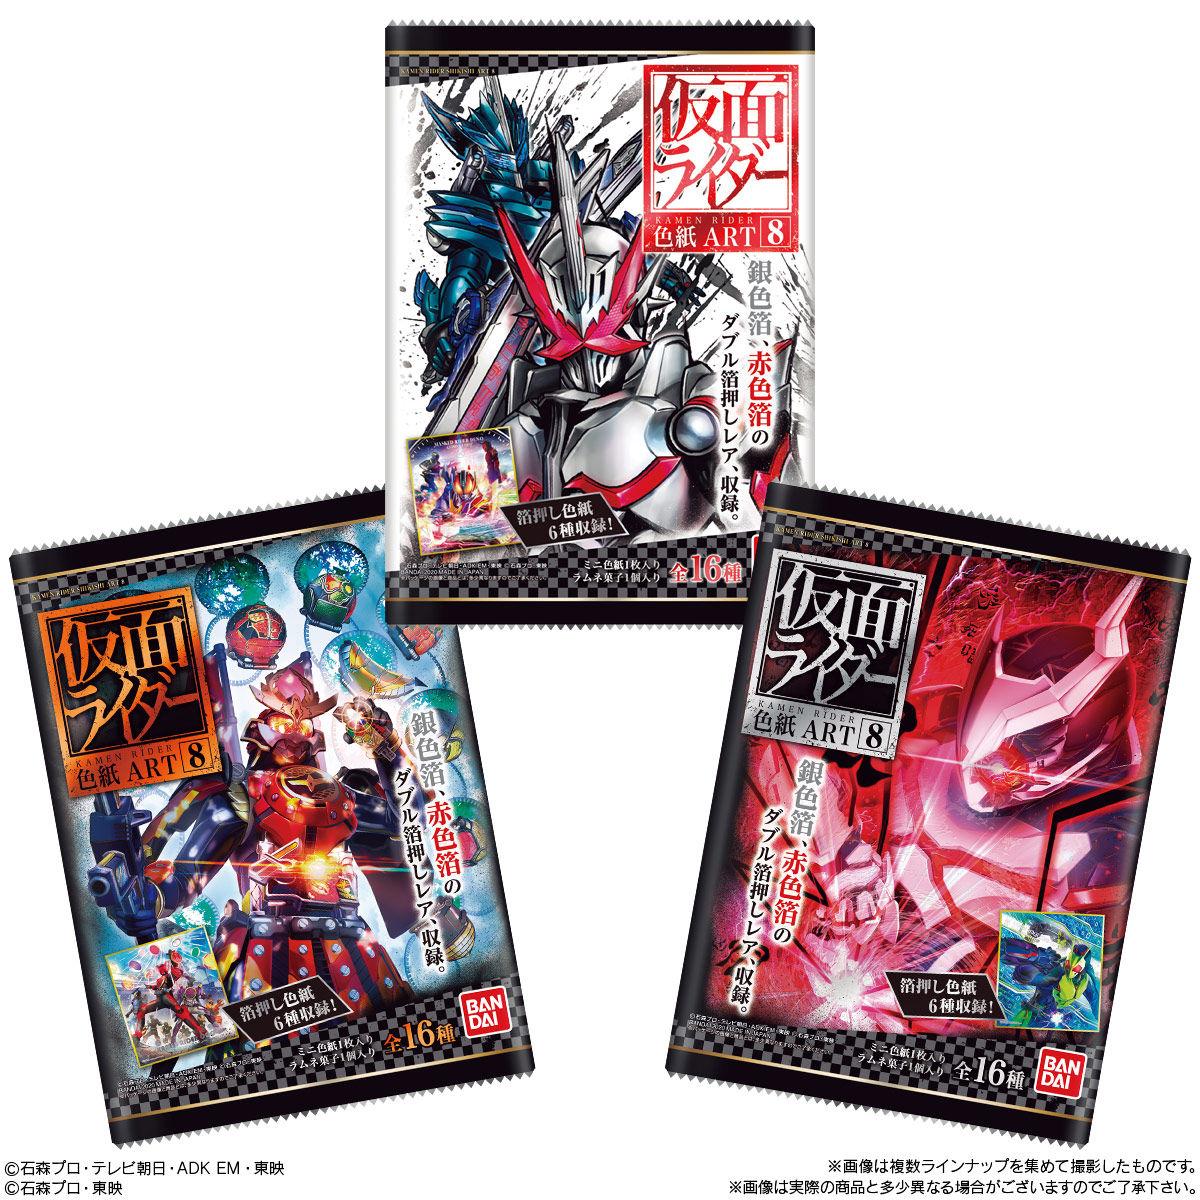 【食玩】『仮面ライダー 色紙ART8』10個入りBOX-008